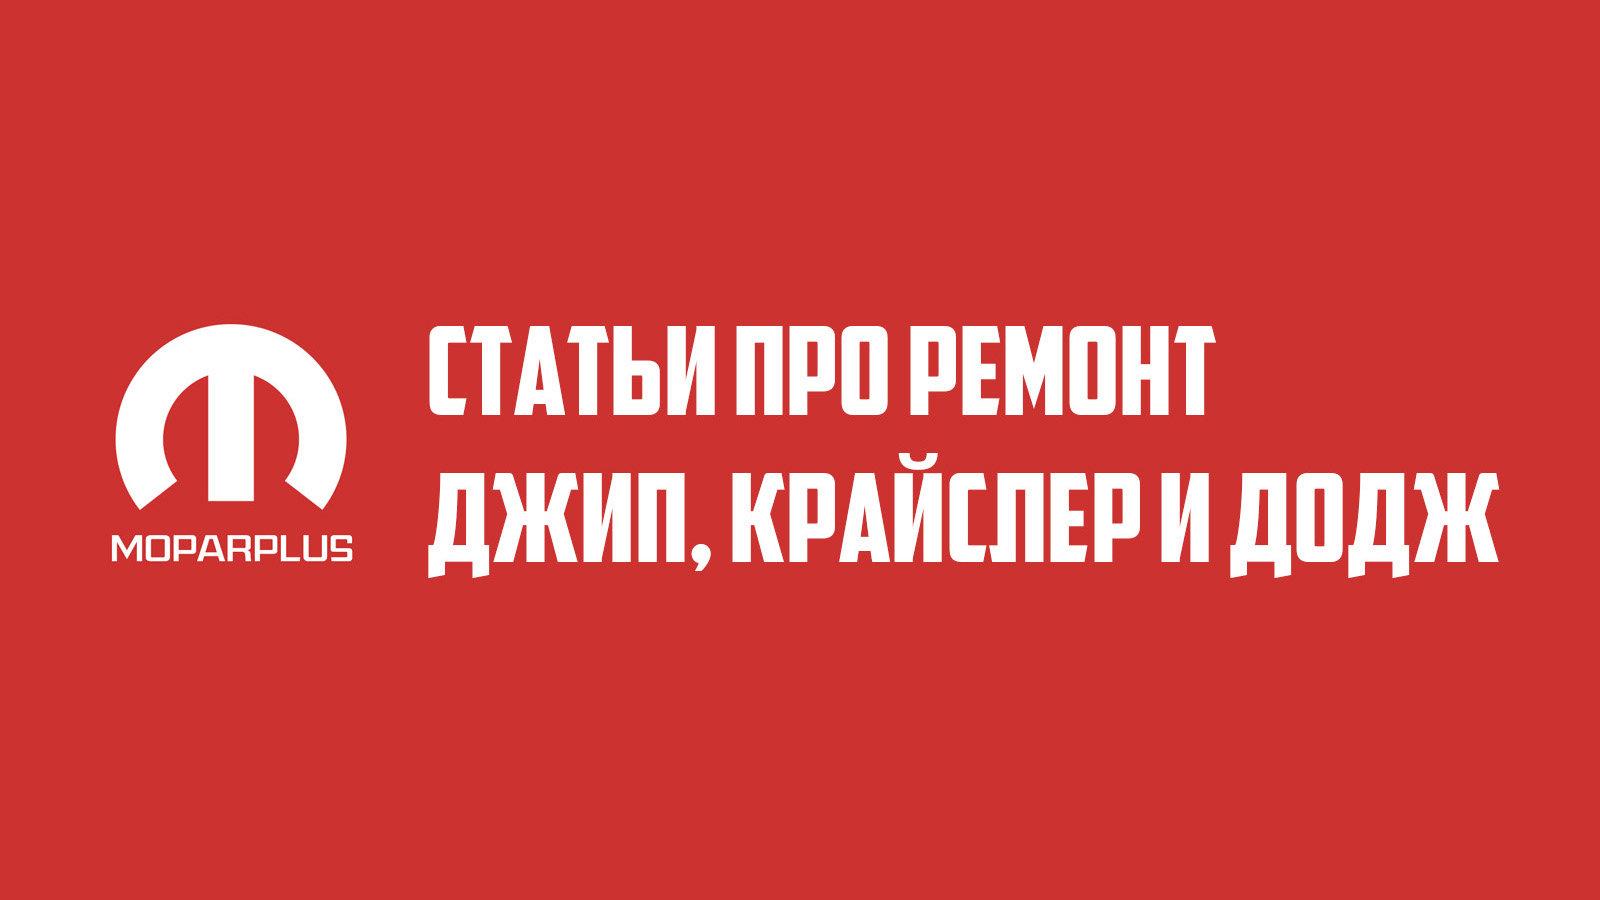 Статьи про ремонт. Выпуск №16.